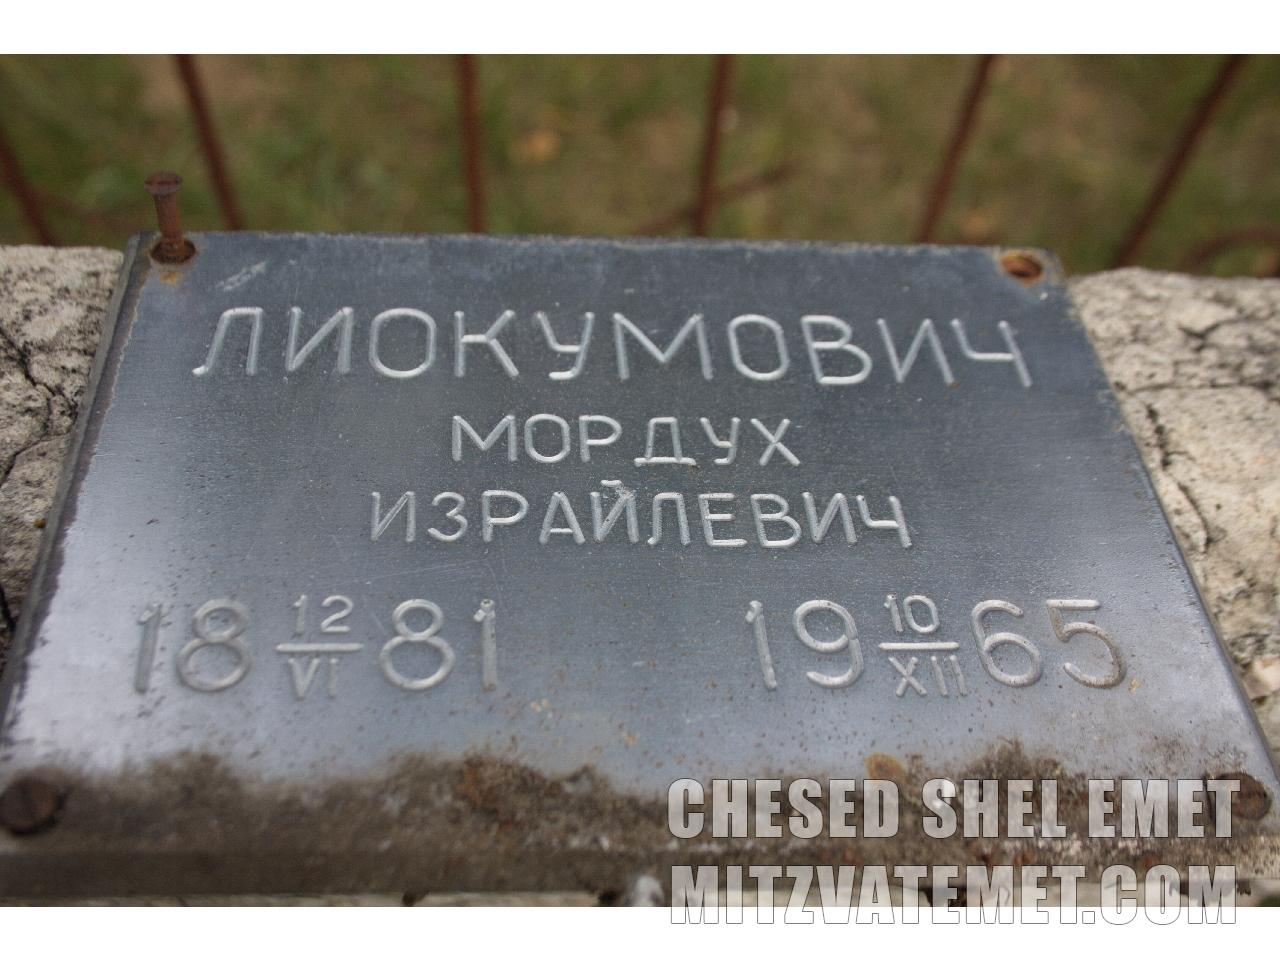 Лиокумович дмитрий семенович фото